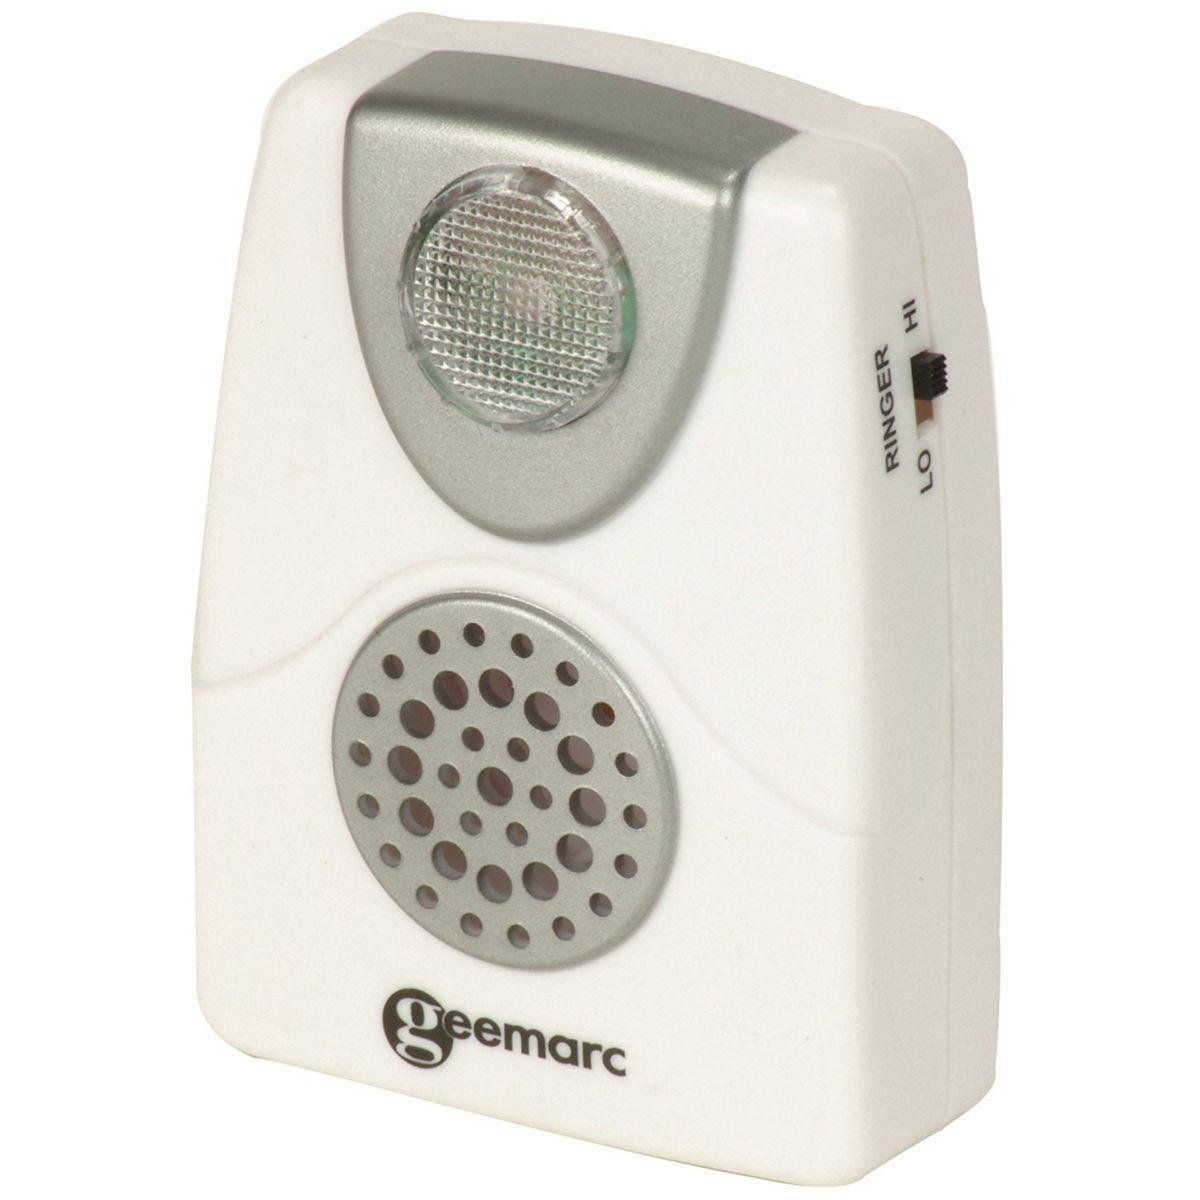 Accessoire aide auditive geemarc cl11 blanc - 2% de remise imm�diate avec le code : priv2 (photo)